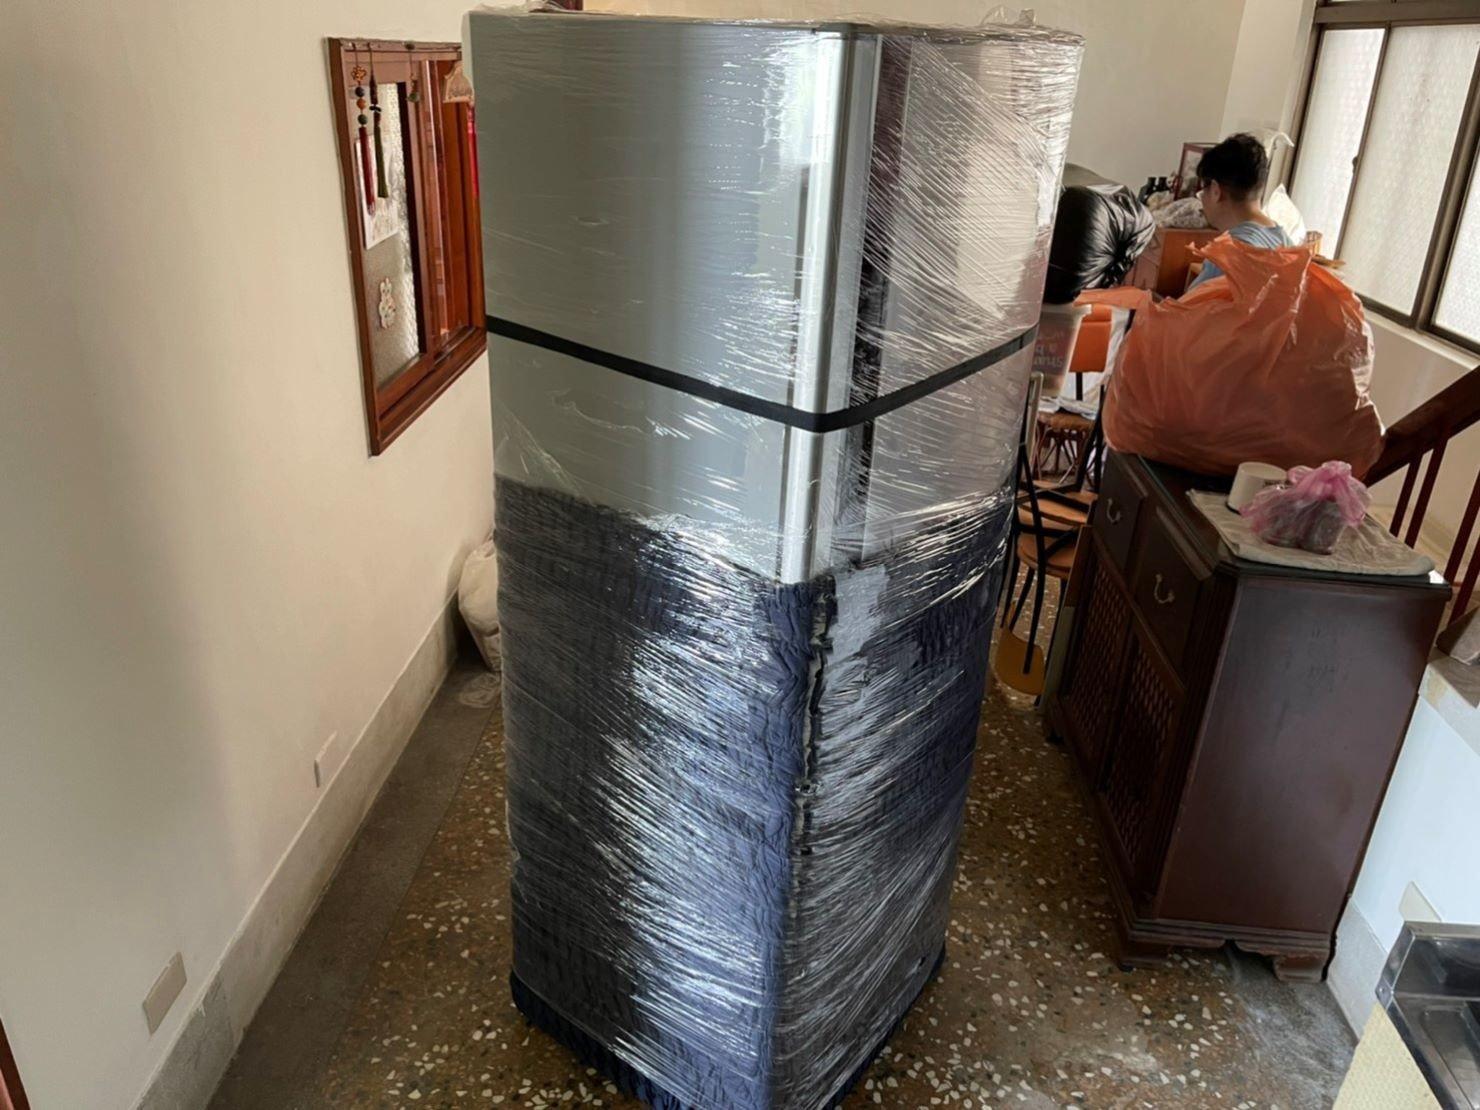 新北搬家【榮福搬家】搬家首選、台北搬家推薦:搬冰箱-先以伸縮布套將冰箱底層包覆,再使用膠膜層層包裹,最後繫上束帶;達到防碰撞、防磨損刮傷、防灰塵、防水氣的多種功效。